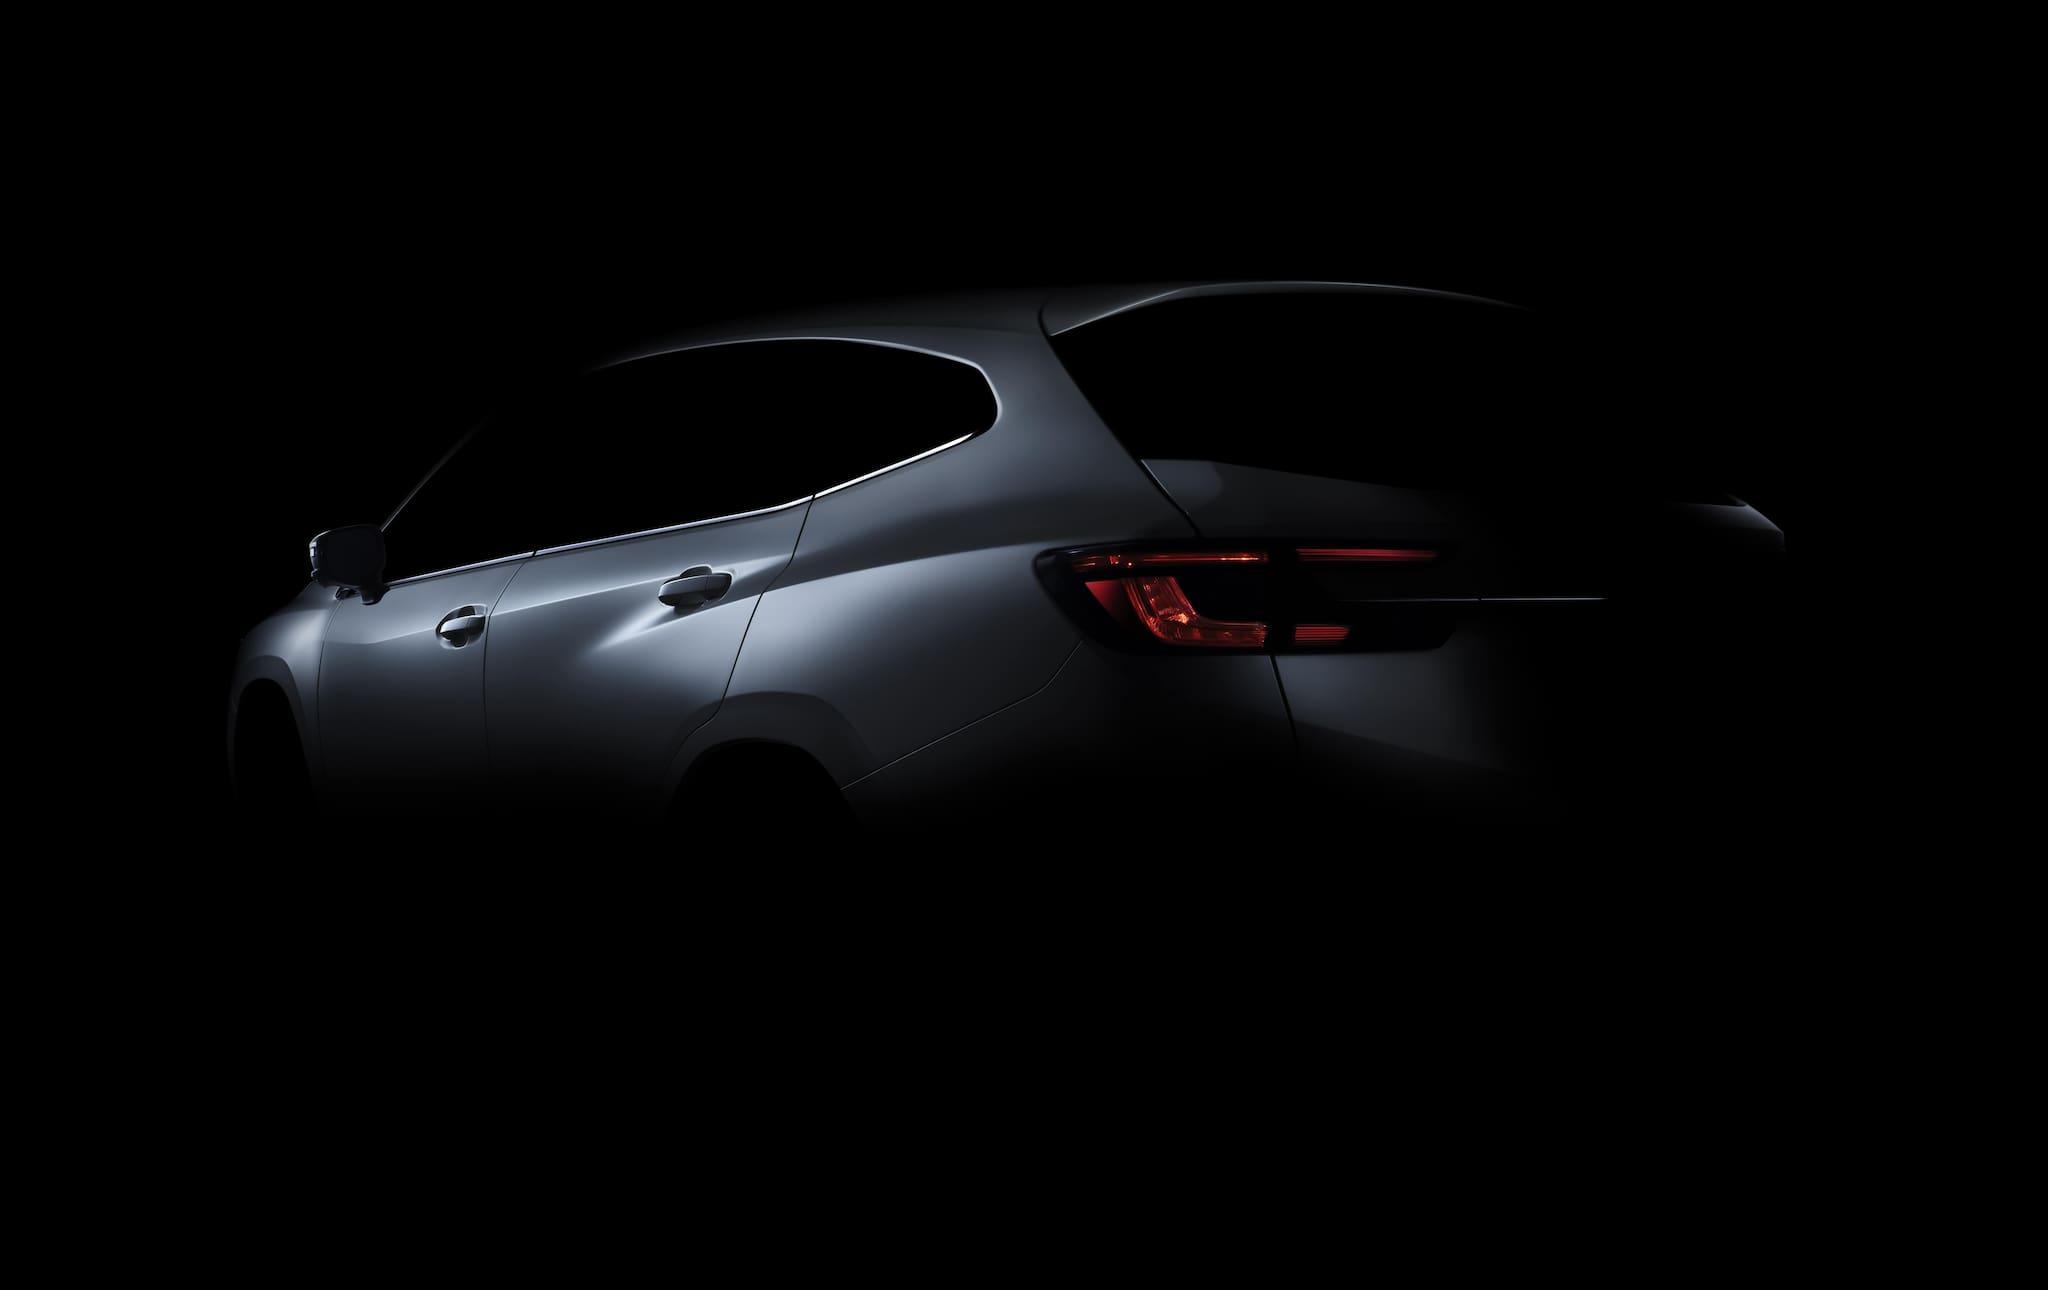 Subaru Says \'Hello, Goodbye\' at 2019 Tokyo Motor Show